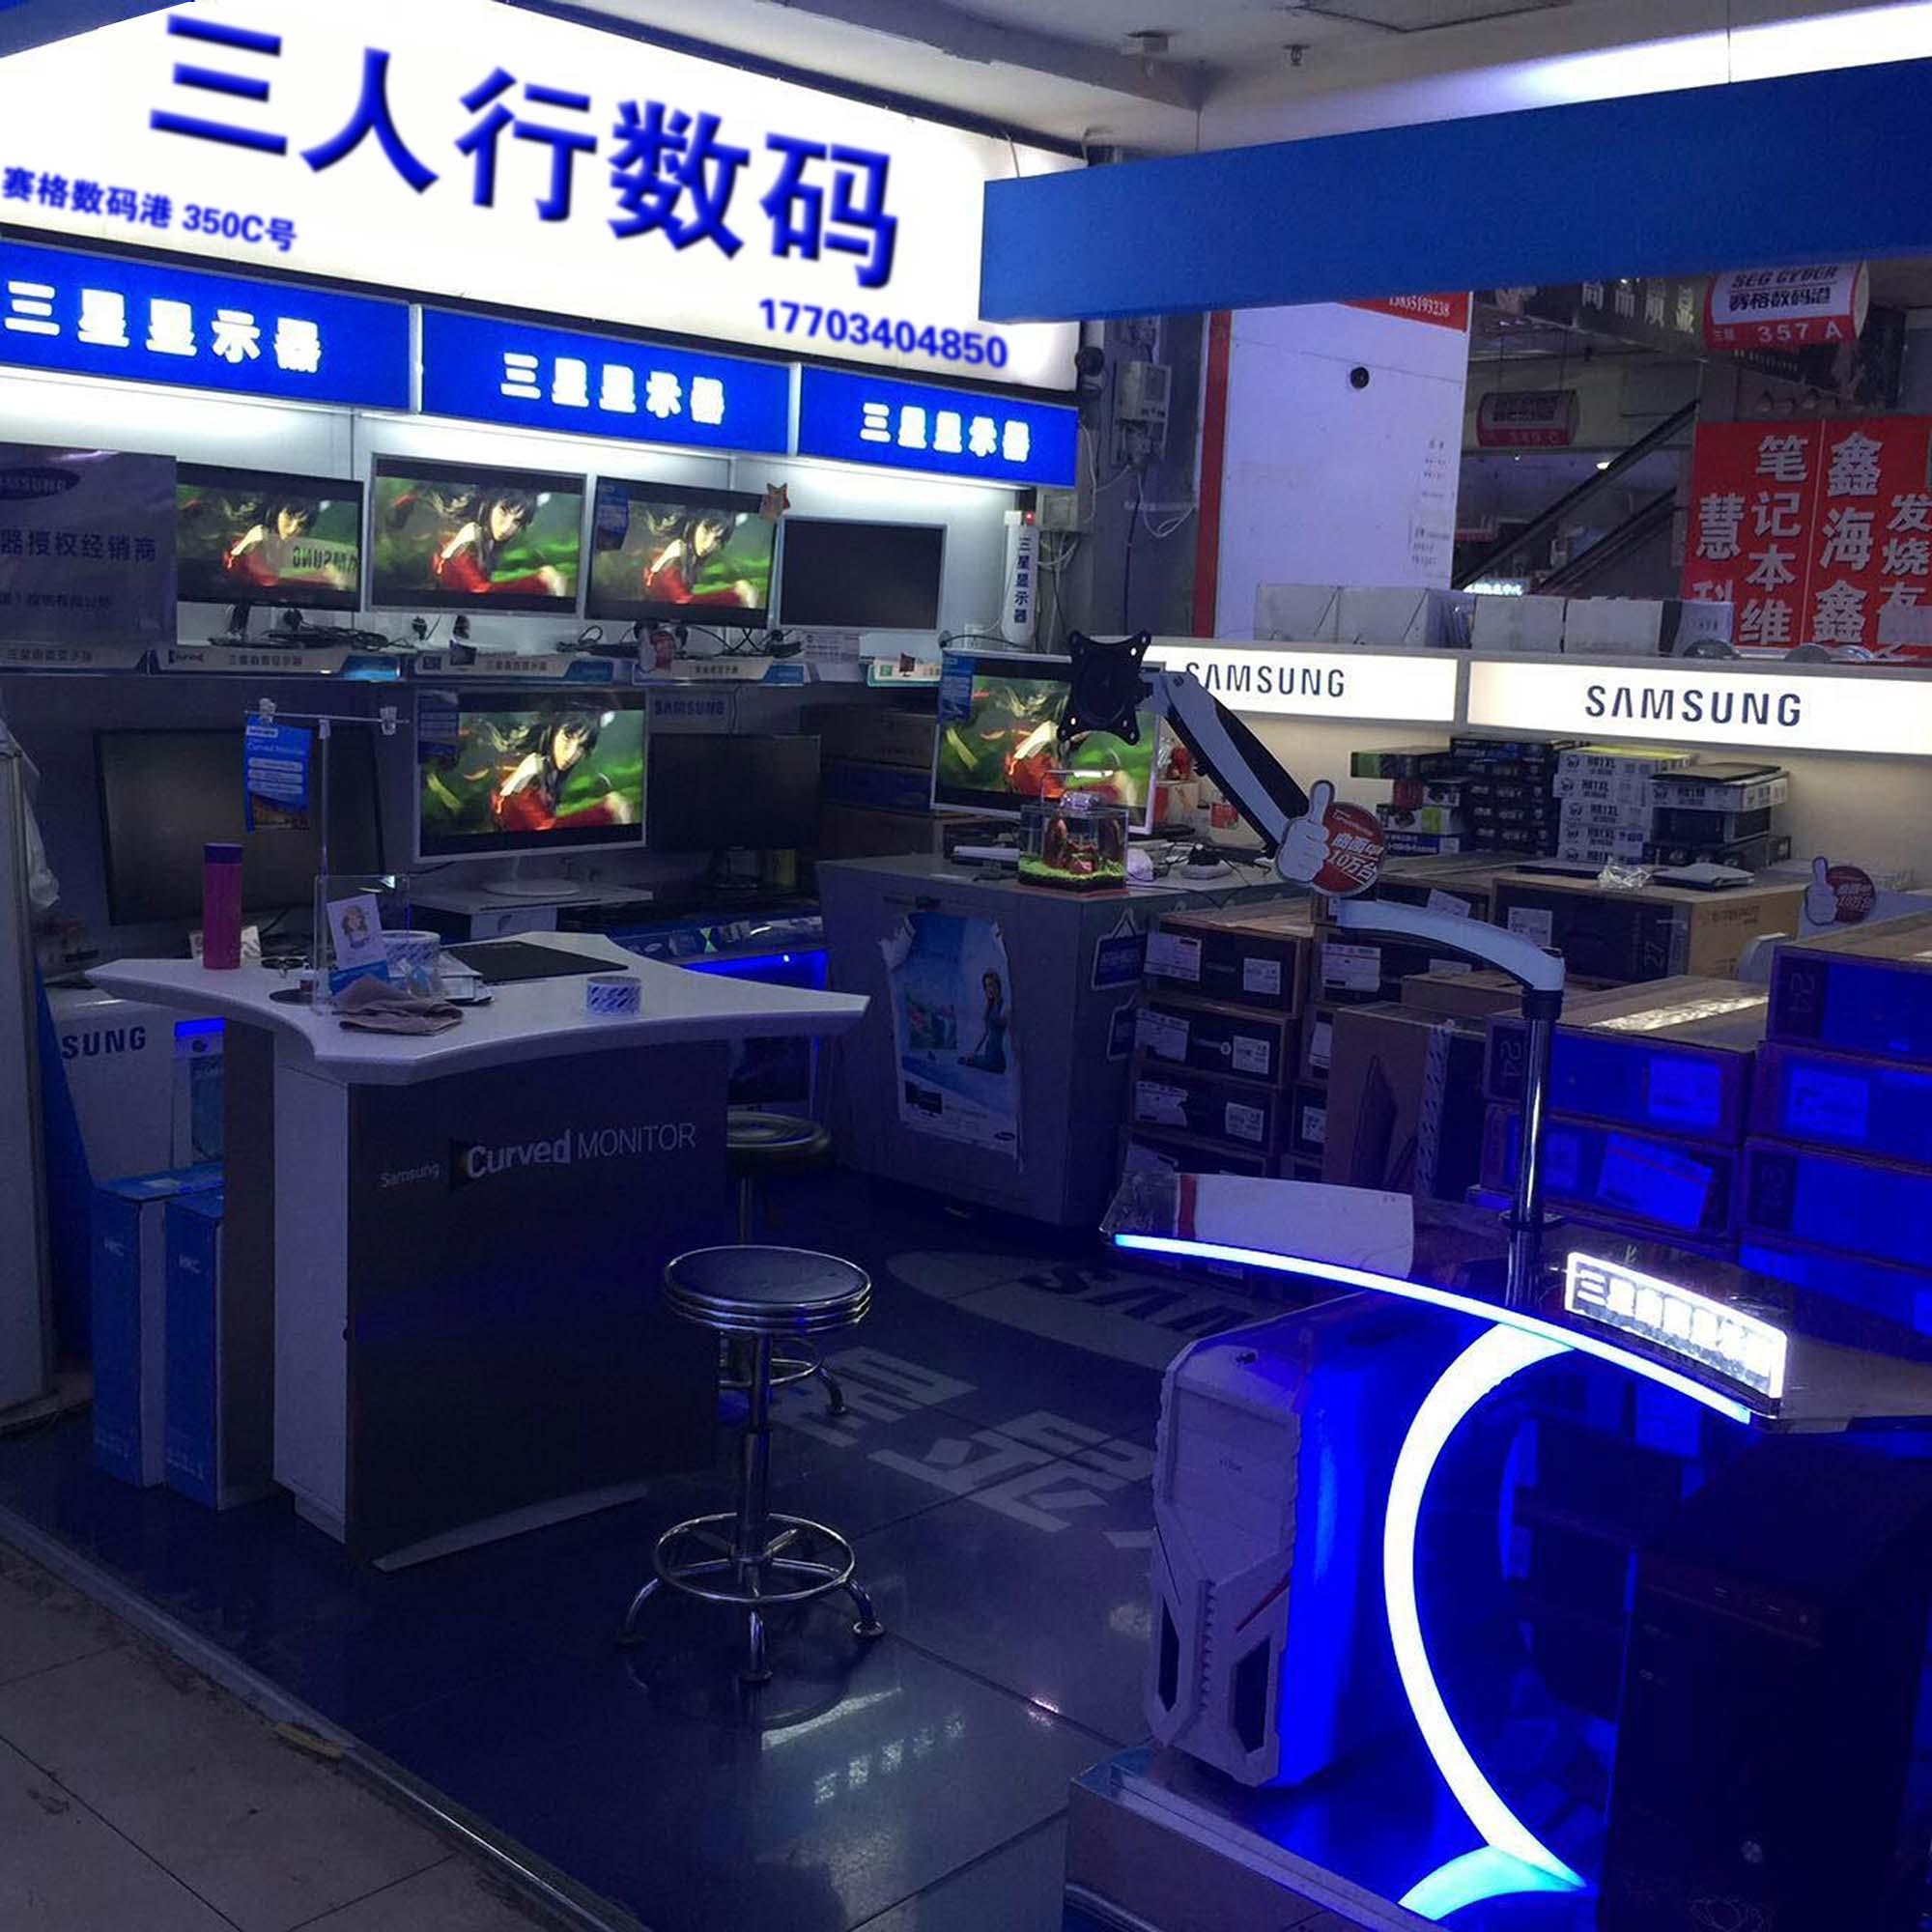 三人行网络设备全品店